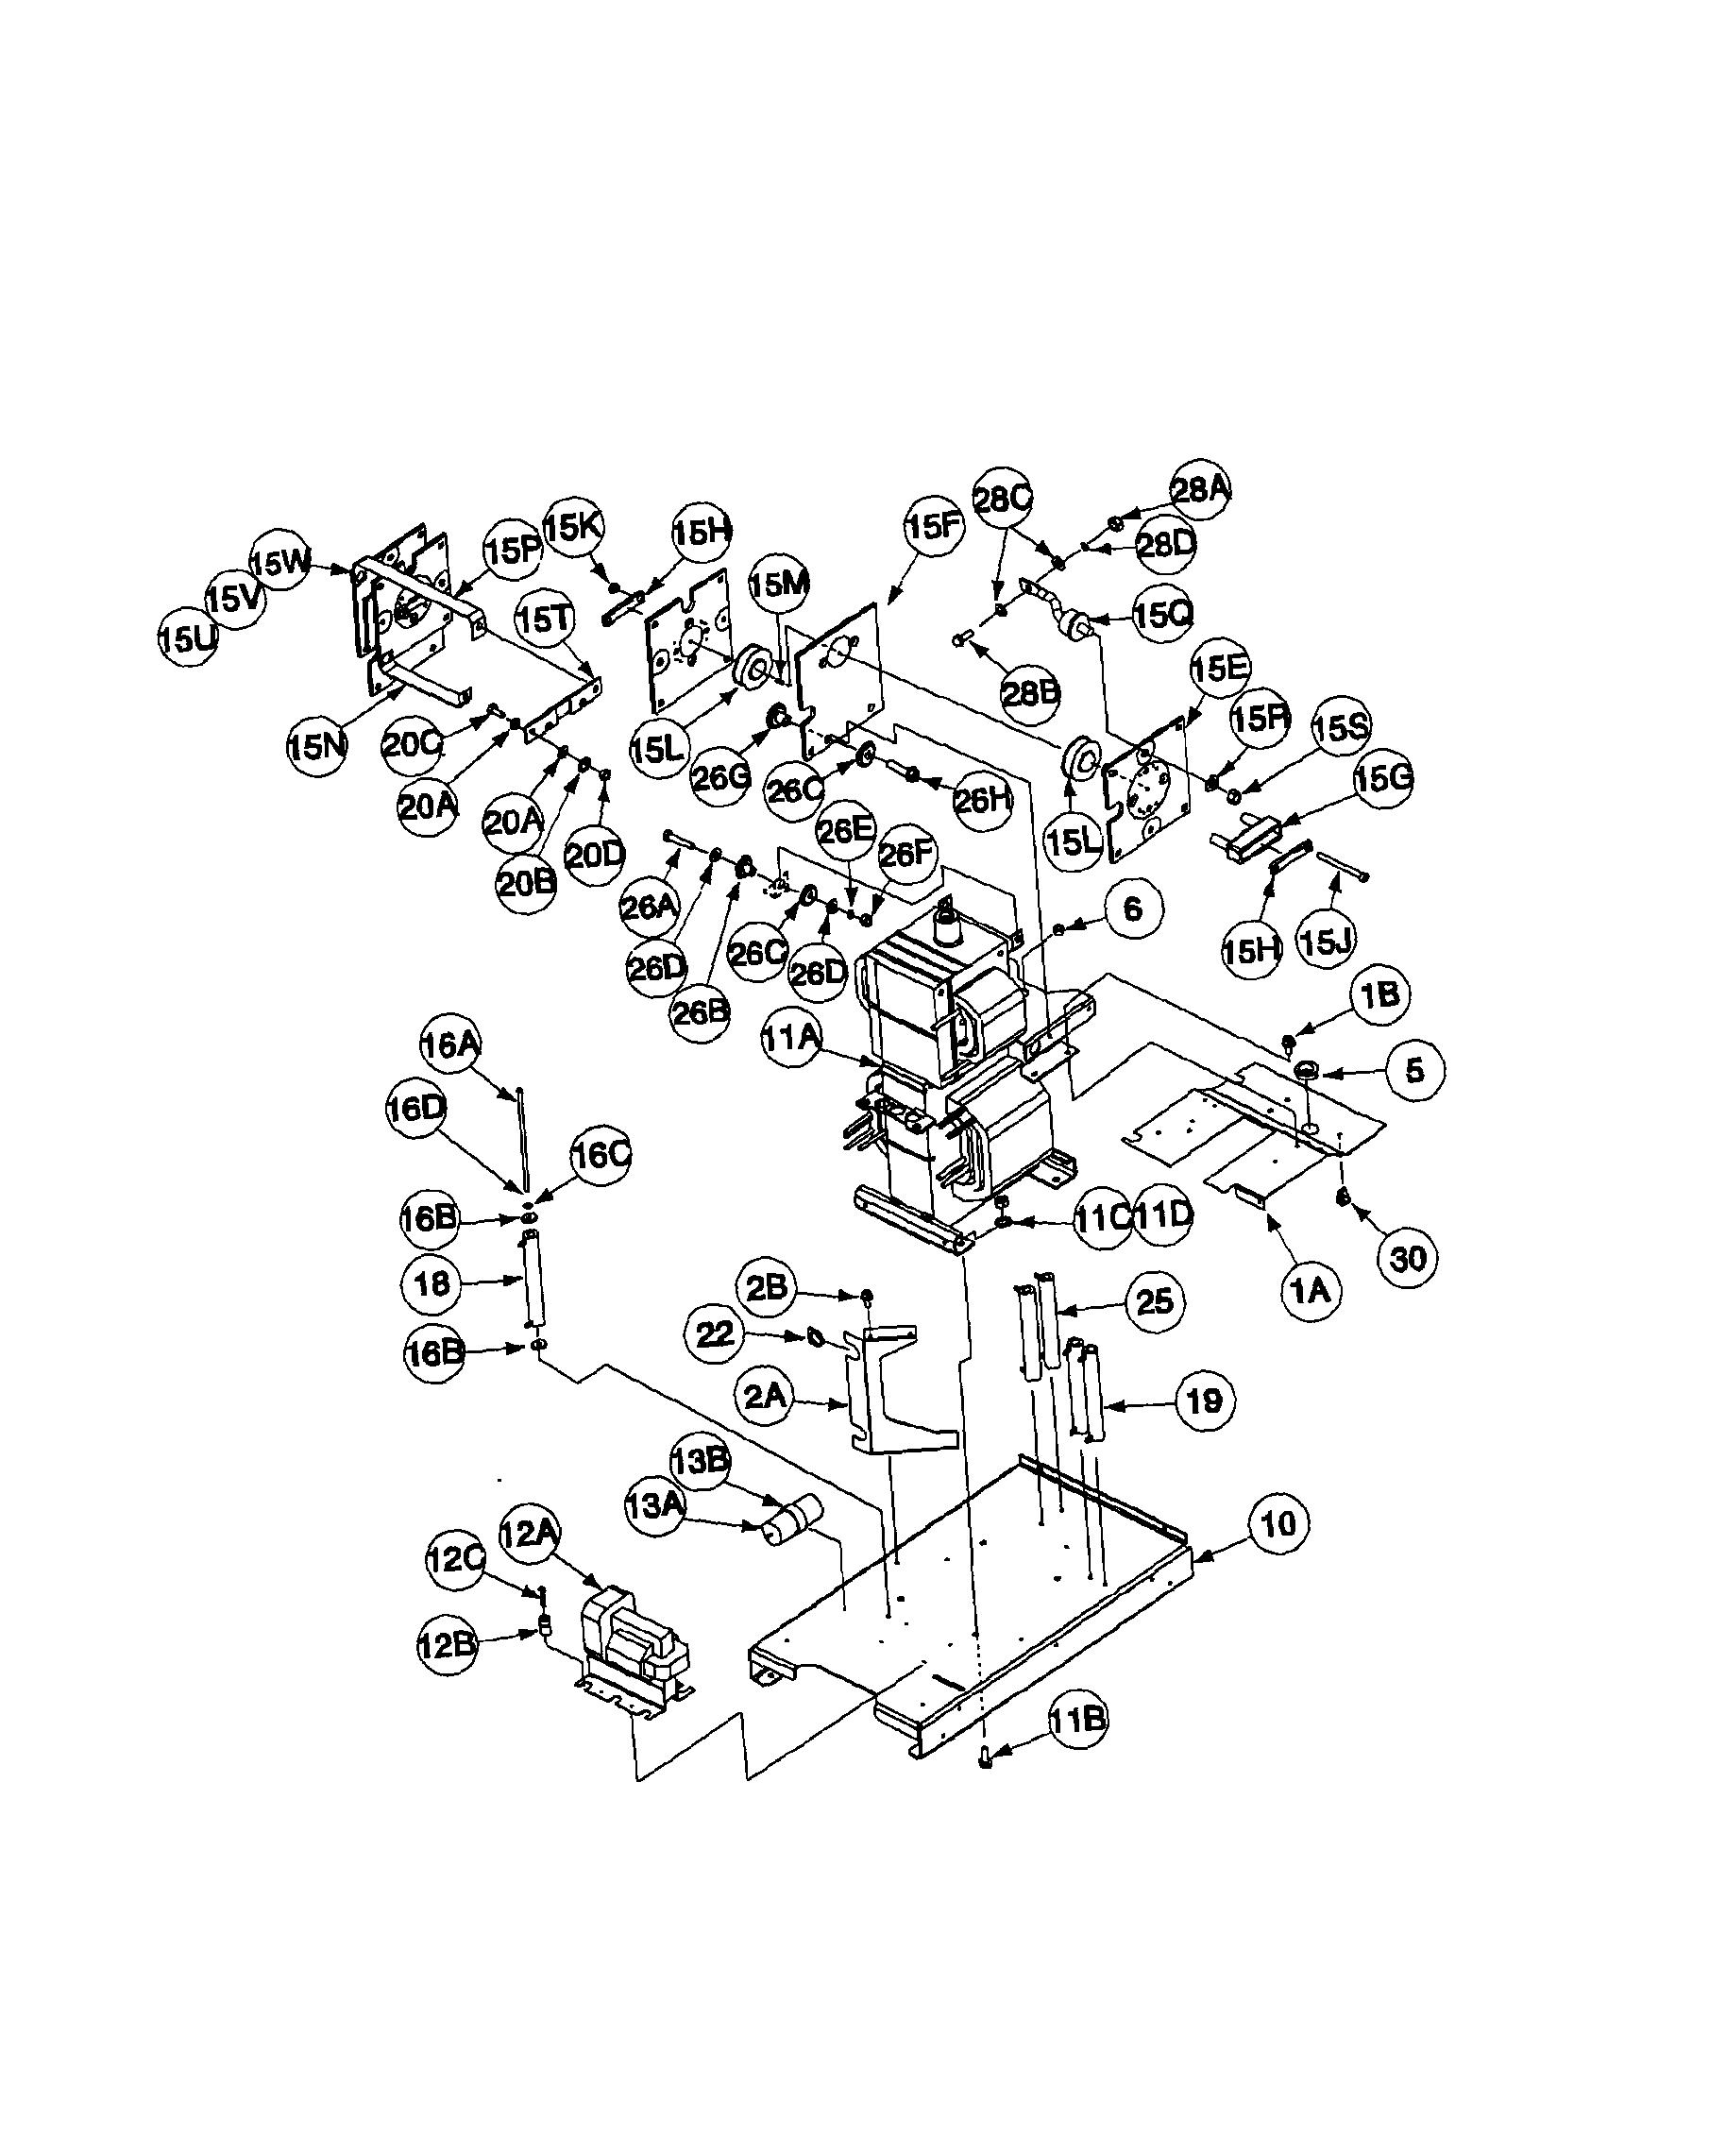 Lincoln model PRECISION TIG 185 (11105 TO 11109) welder